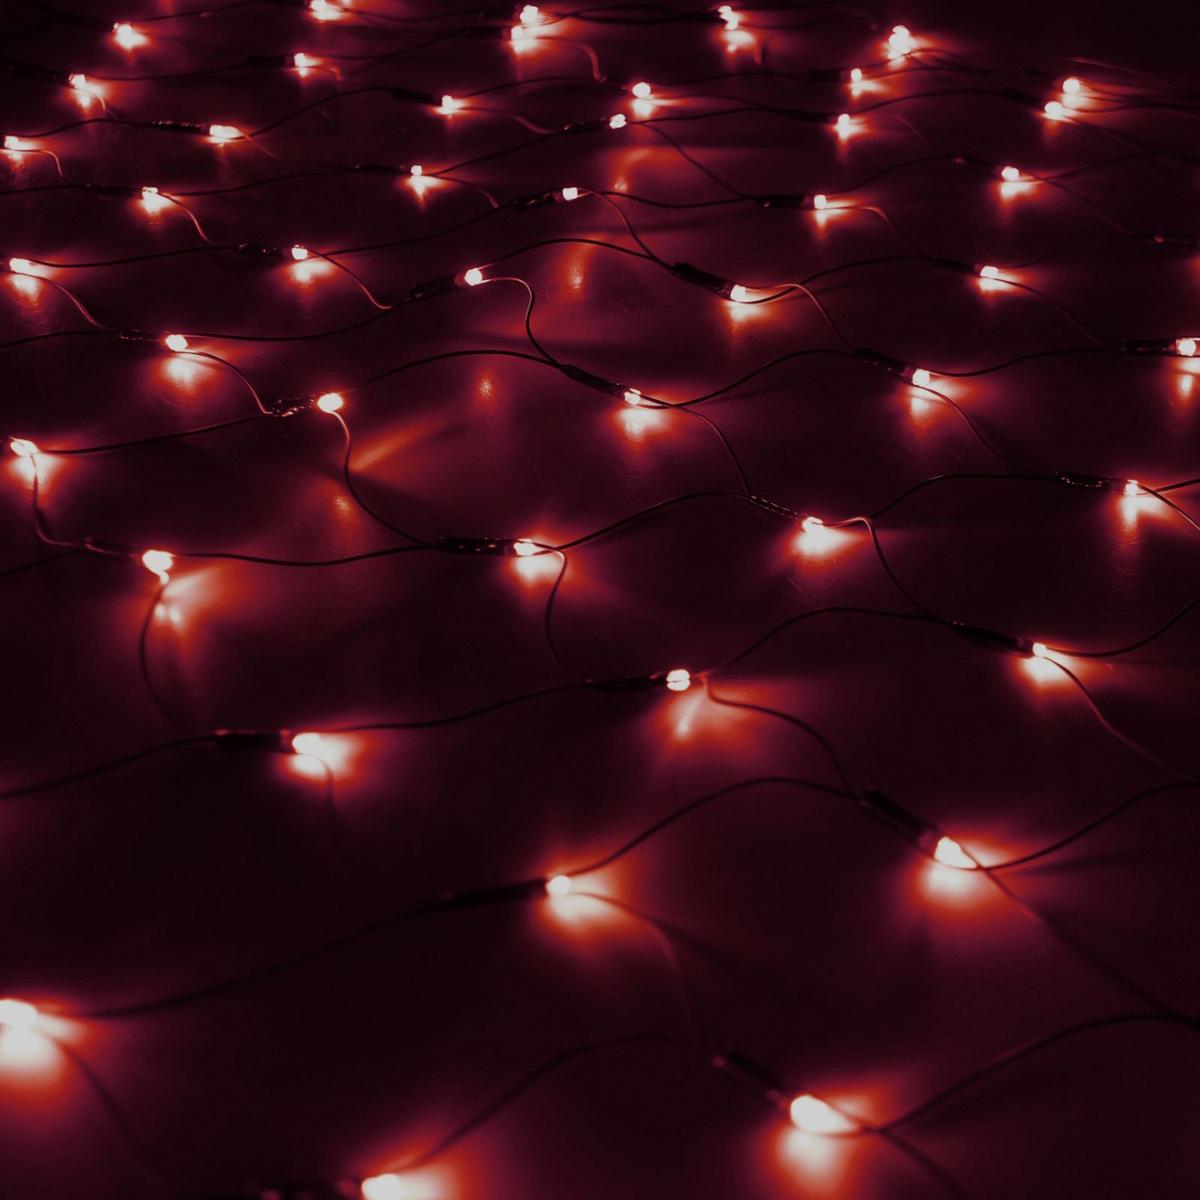 Гирлянда Luazon Сетка, длина 0,9 м, LED 120 ламп, 220V, цвет: красный. 187214187214Светодиодные гирлянды, ленты и т.д — это отличный вариант для новогоднего оформления интерьера или фасада. С их помощью помещение любого размера можно превратить в праздничный зал, а внешние элементы зданий, украшенные ими, мгновенно станут напоминать очертания сказочного дворца. Такие украшения создают ауру предвкушения чуда. Деревья, фасады, витрины, окна и арки будто специально созданы, чтобы вы украсили их светящимися нитями.